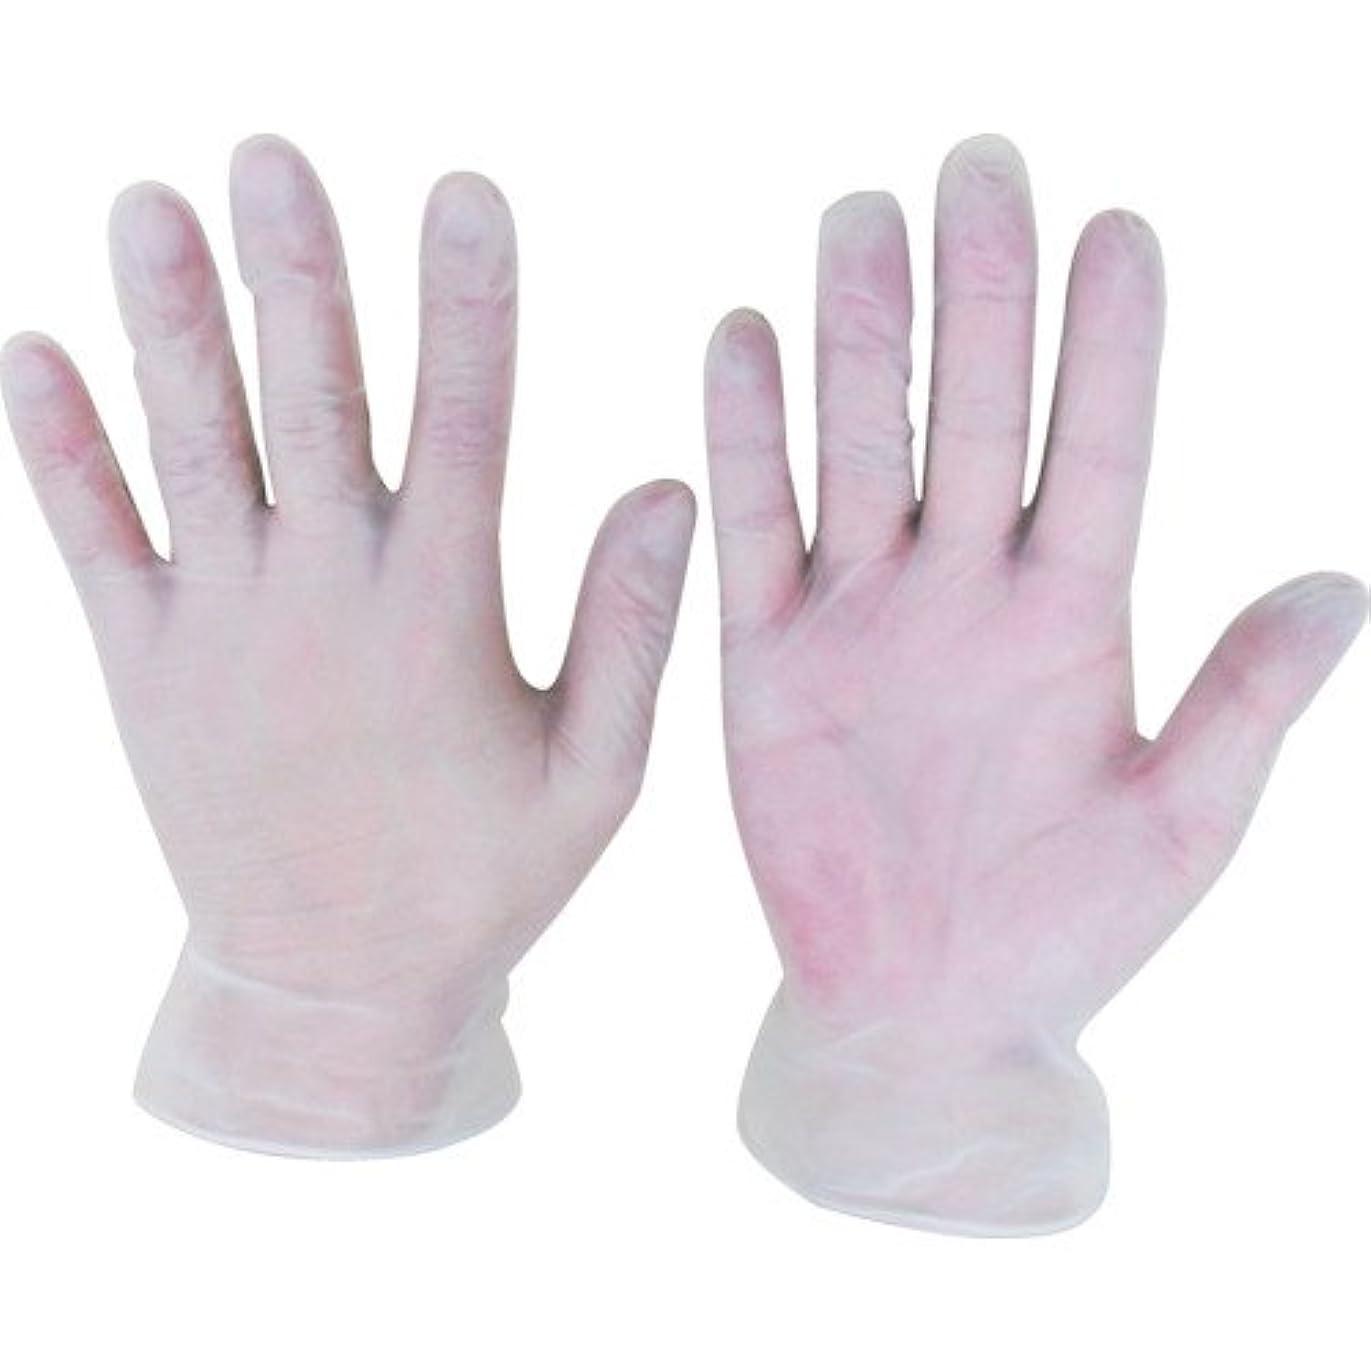 開示する手がかりファントムシンガー USプラスチック ディスポ手袋 201(100枚入)M